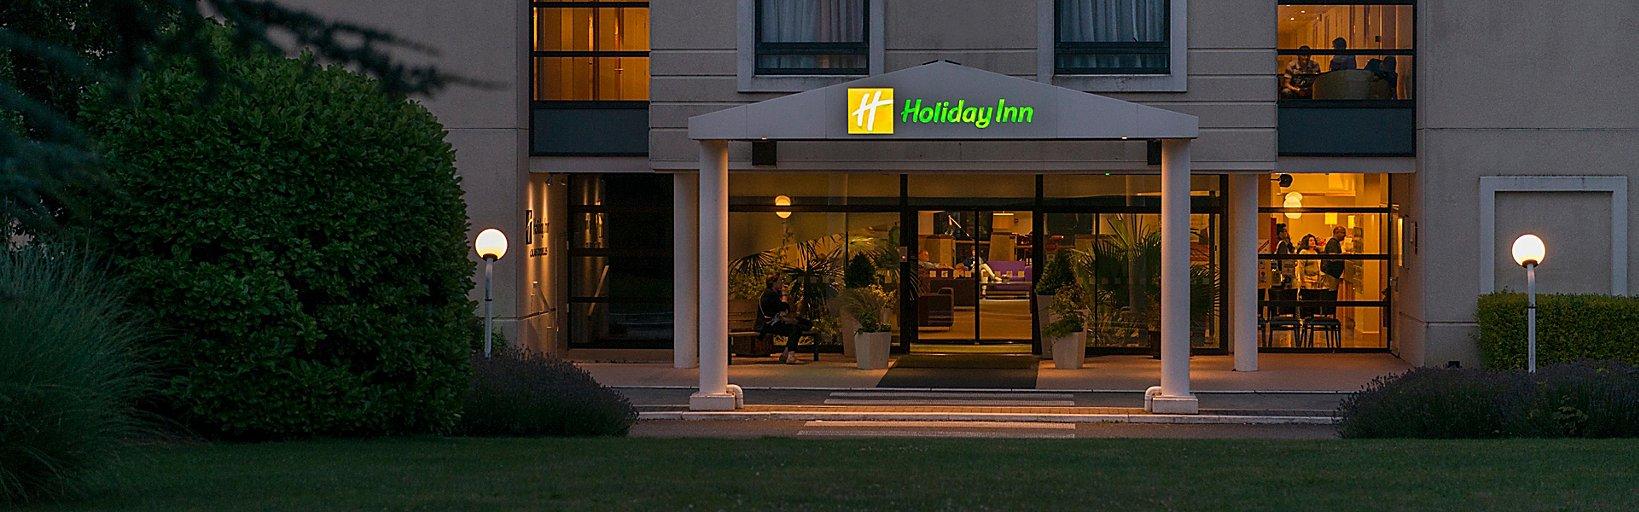 Holiday Inn Calais - Management